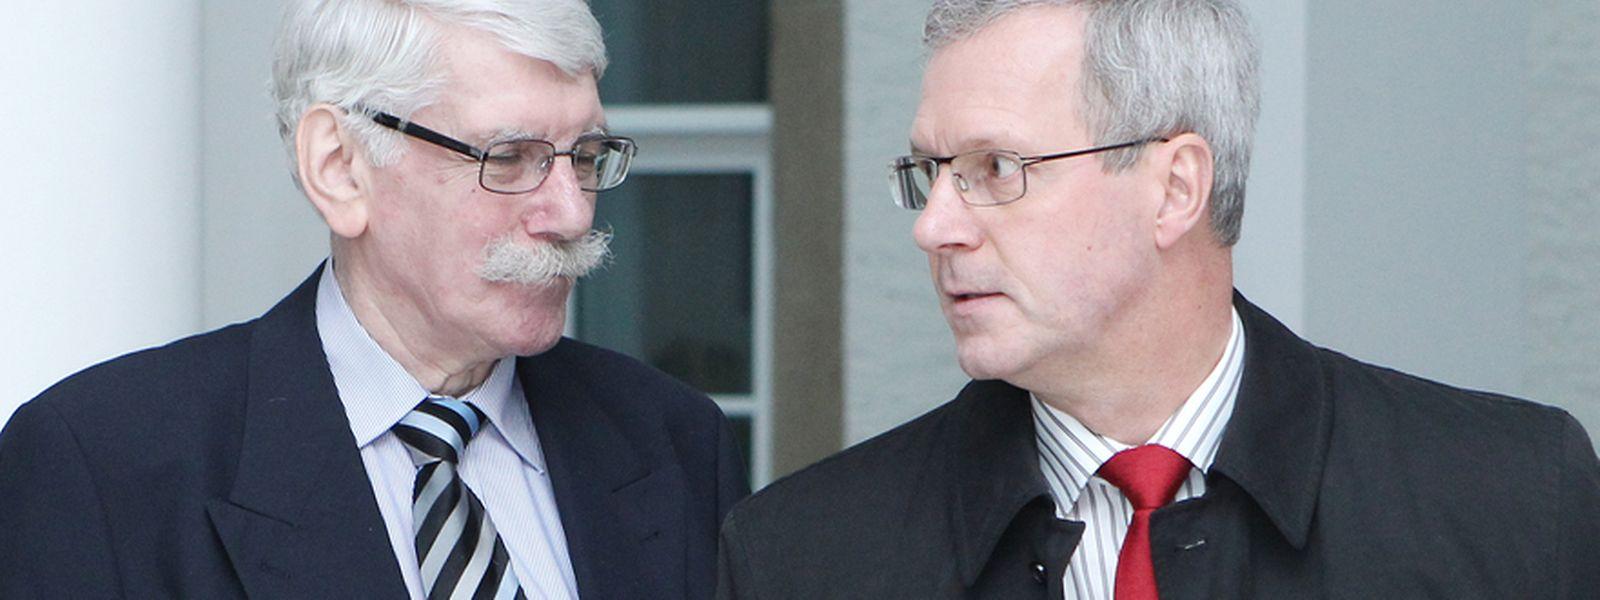 Zenners und Stebens standen sich am 13. November 2013 gegenüber.